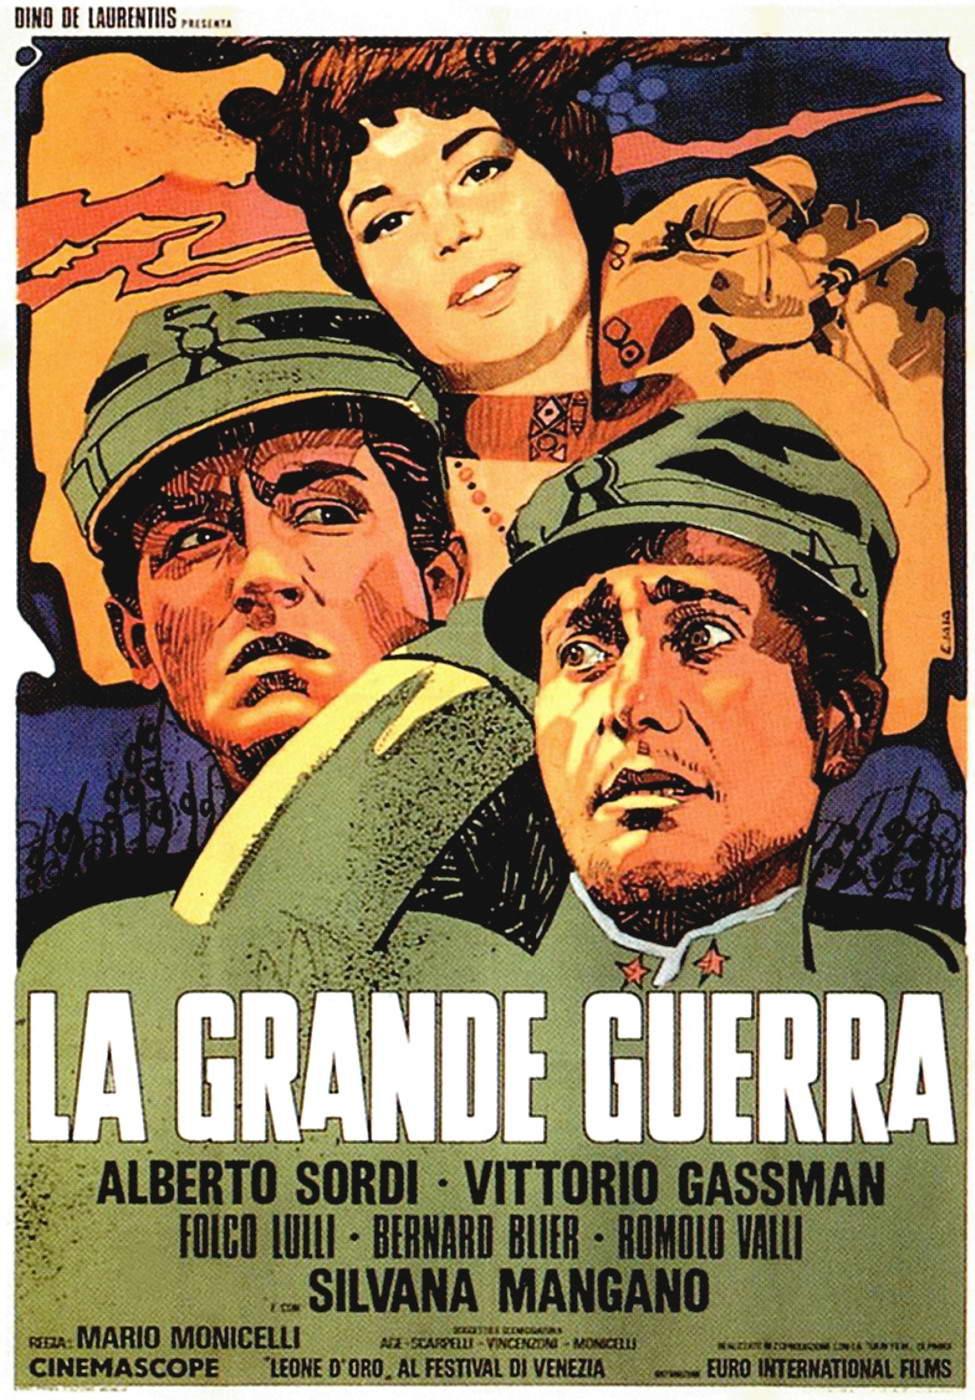 Format des affiches de cinema, dimension affiche de film